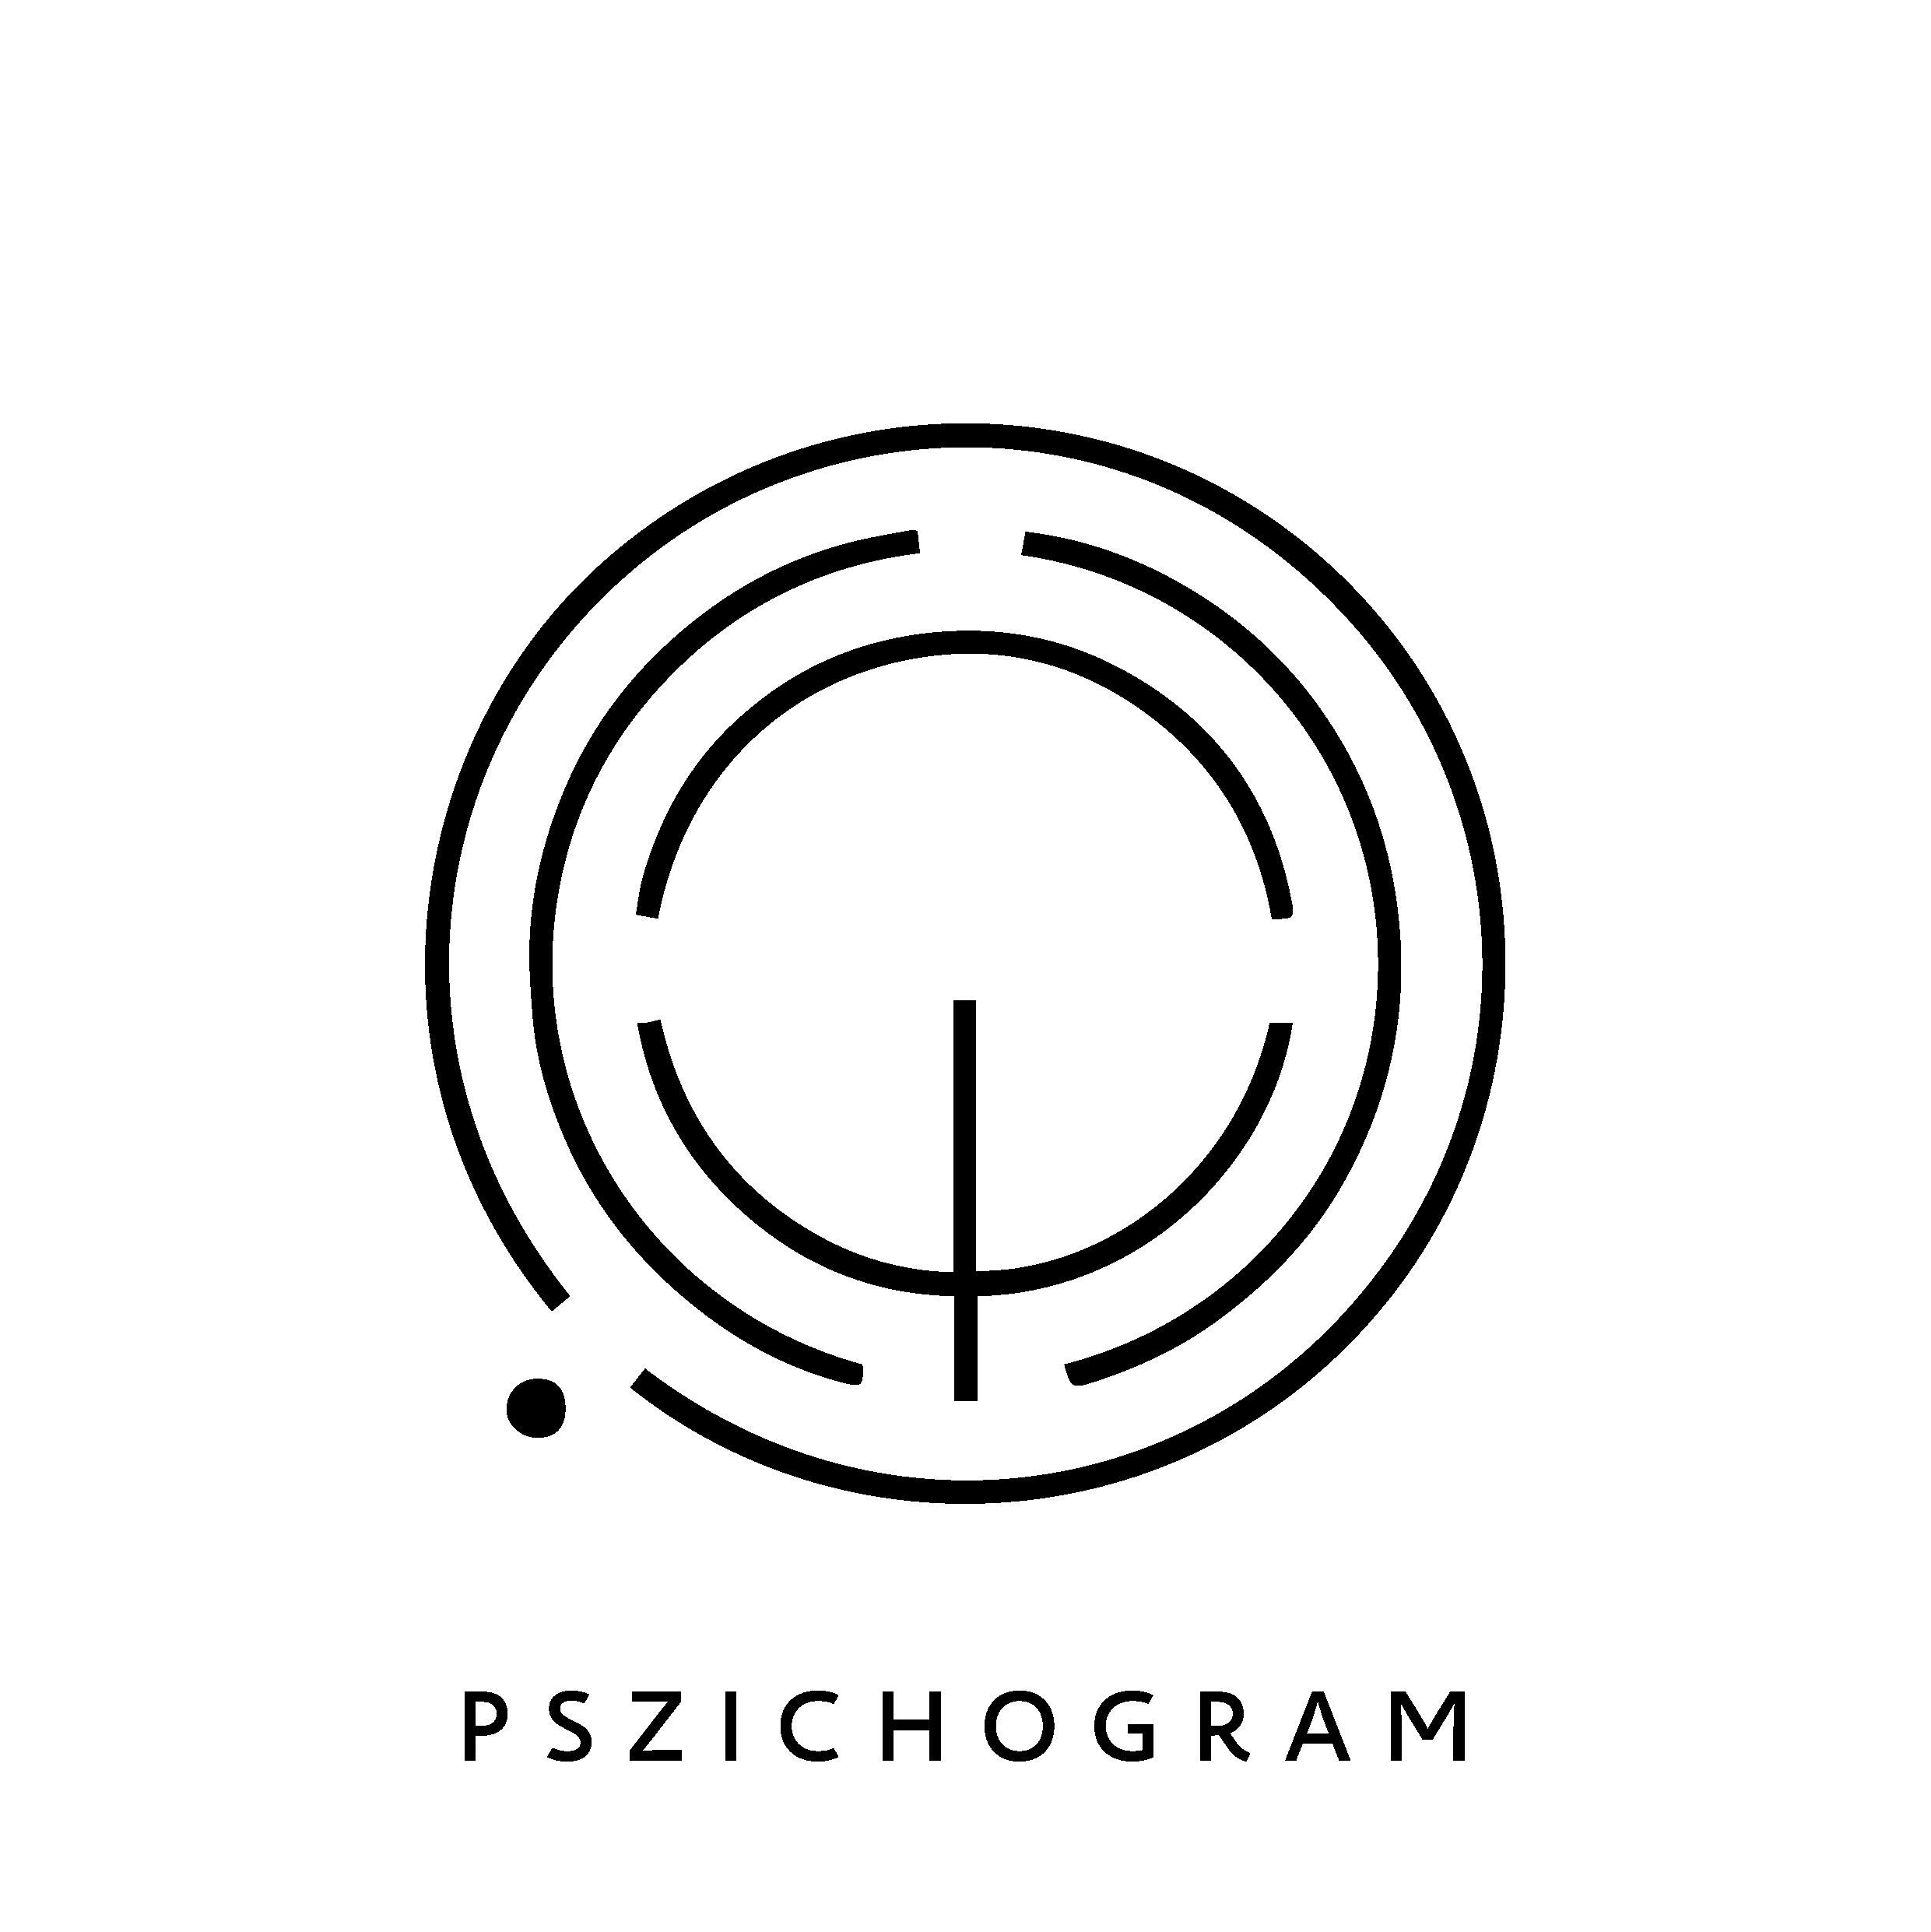 Pszichogram Pszichológiai Tanácsadó logó fekete